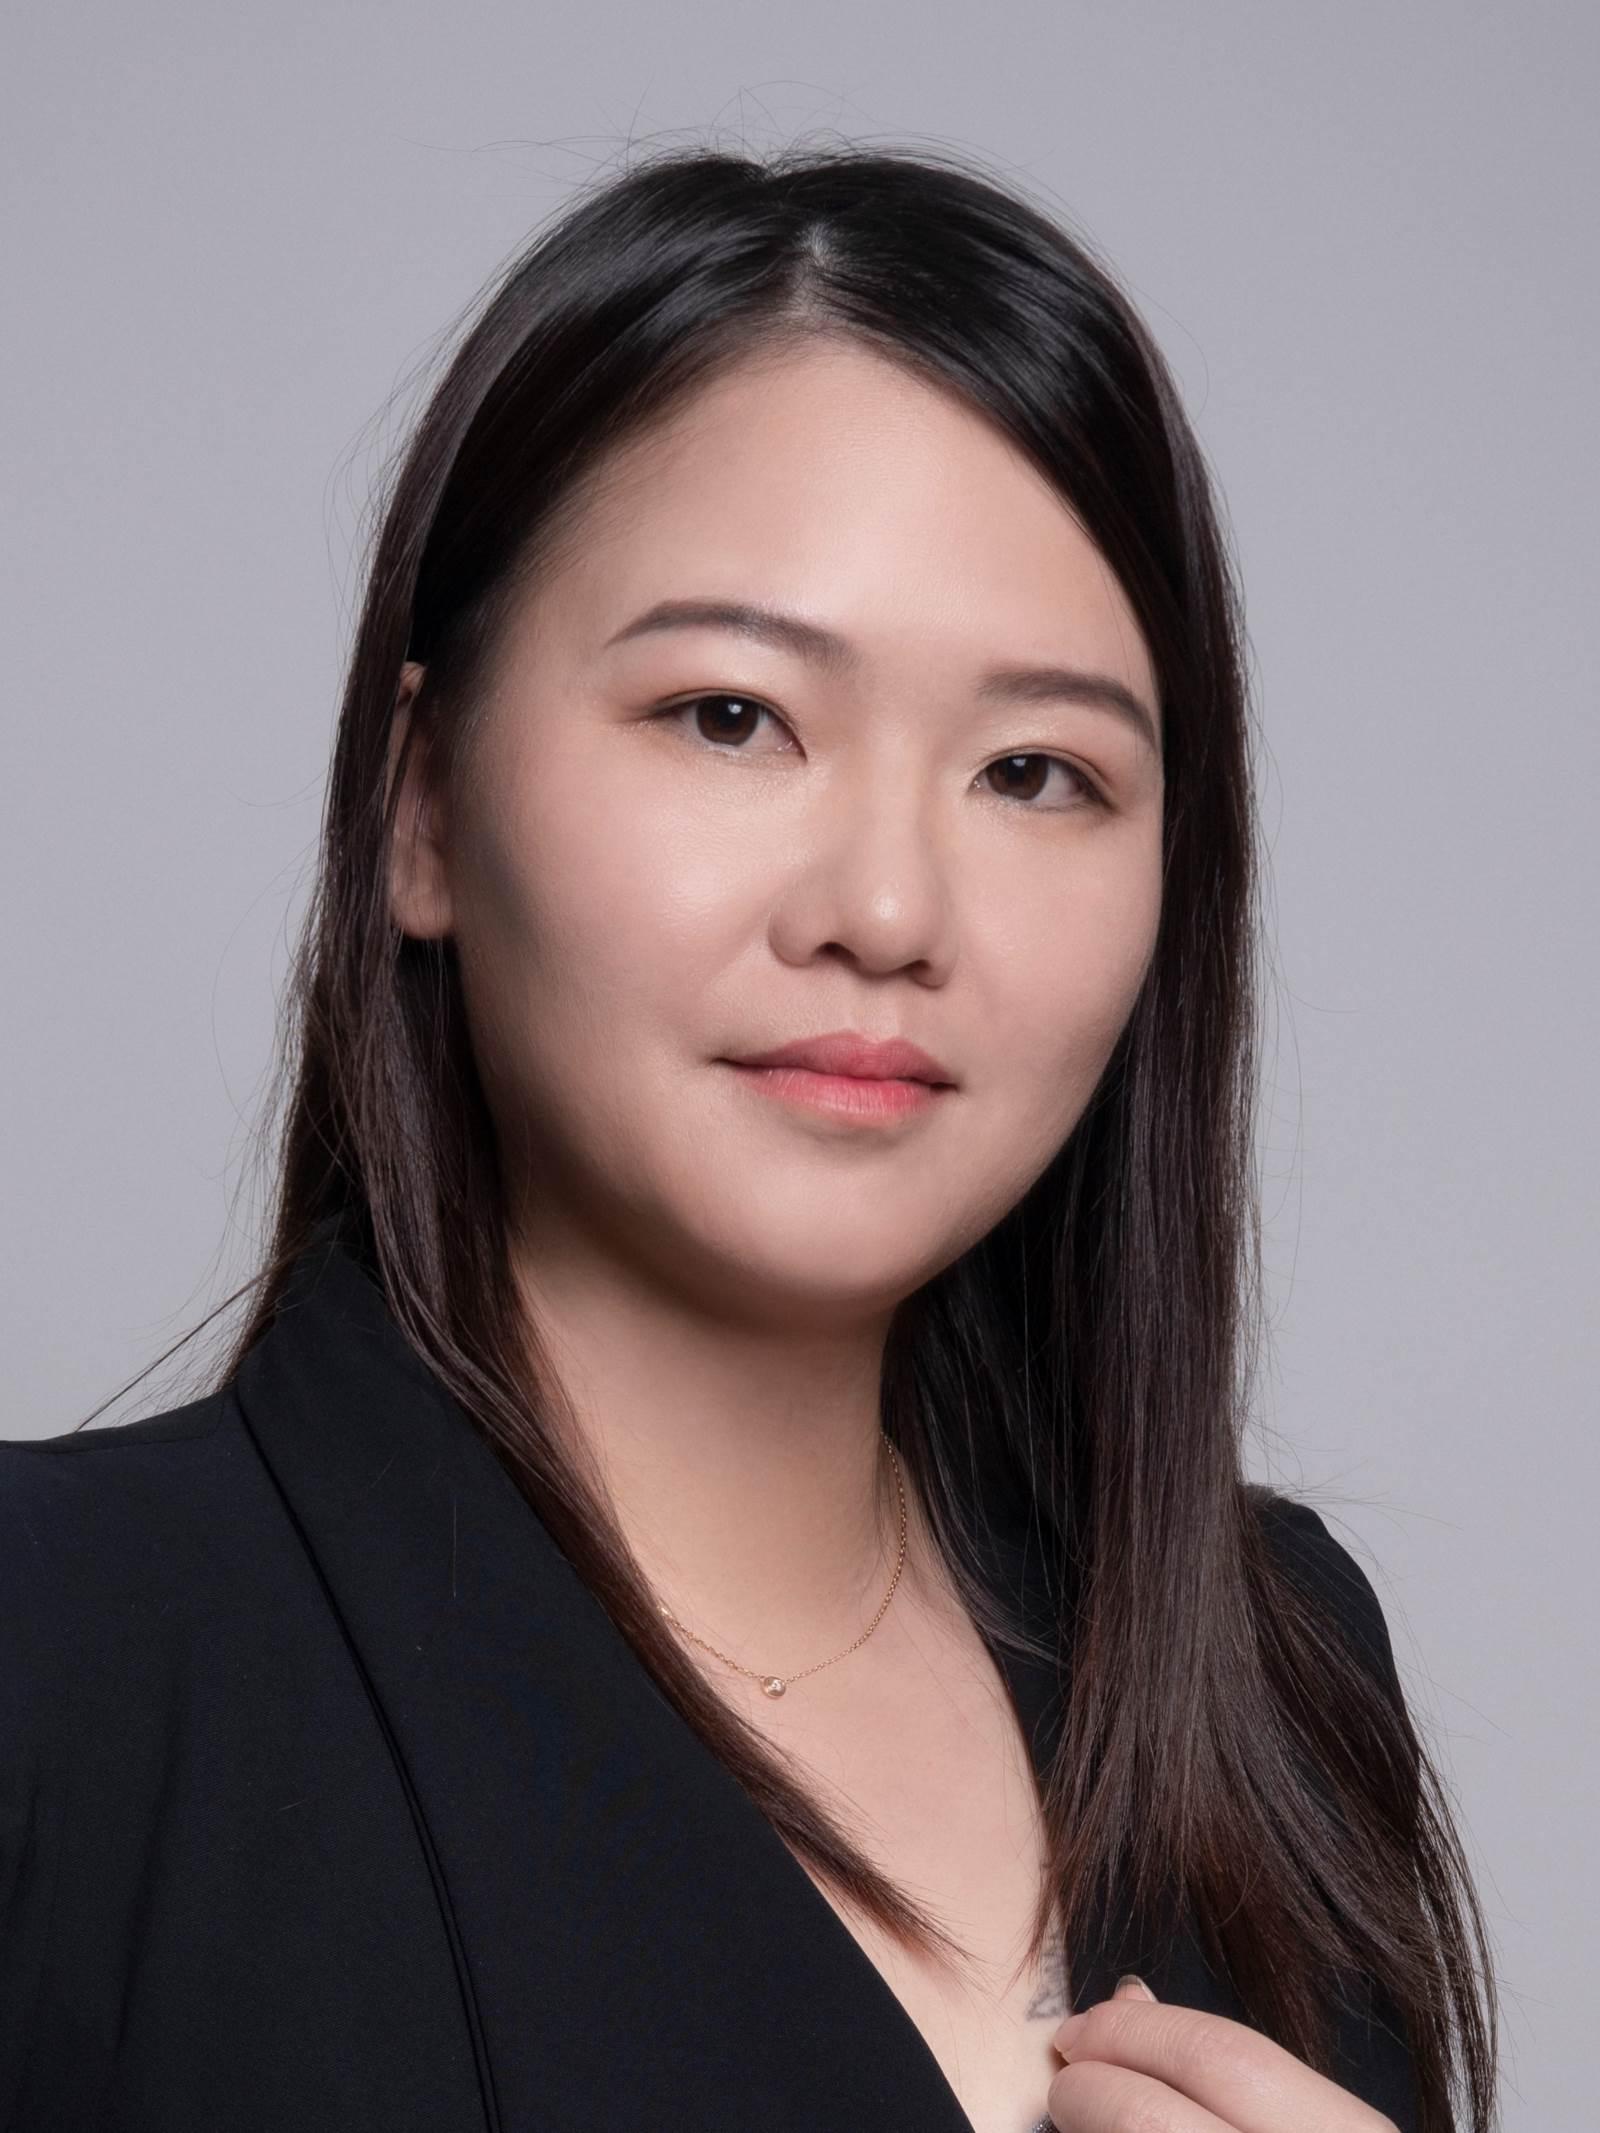 Kelly Zhen